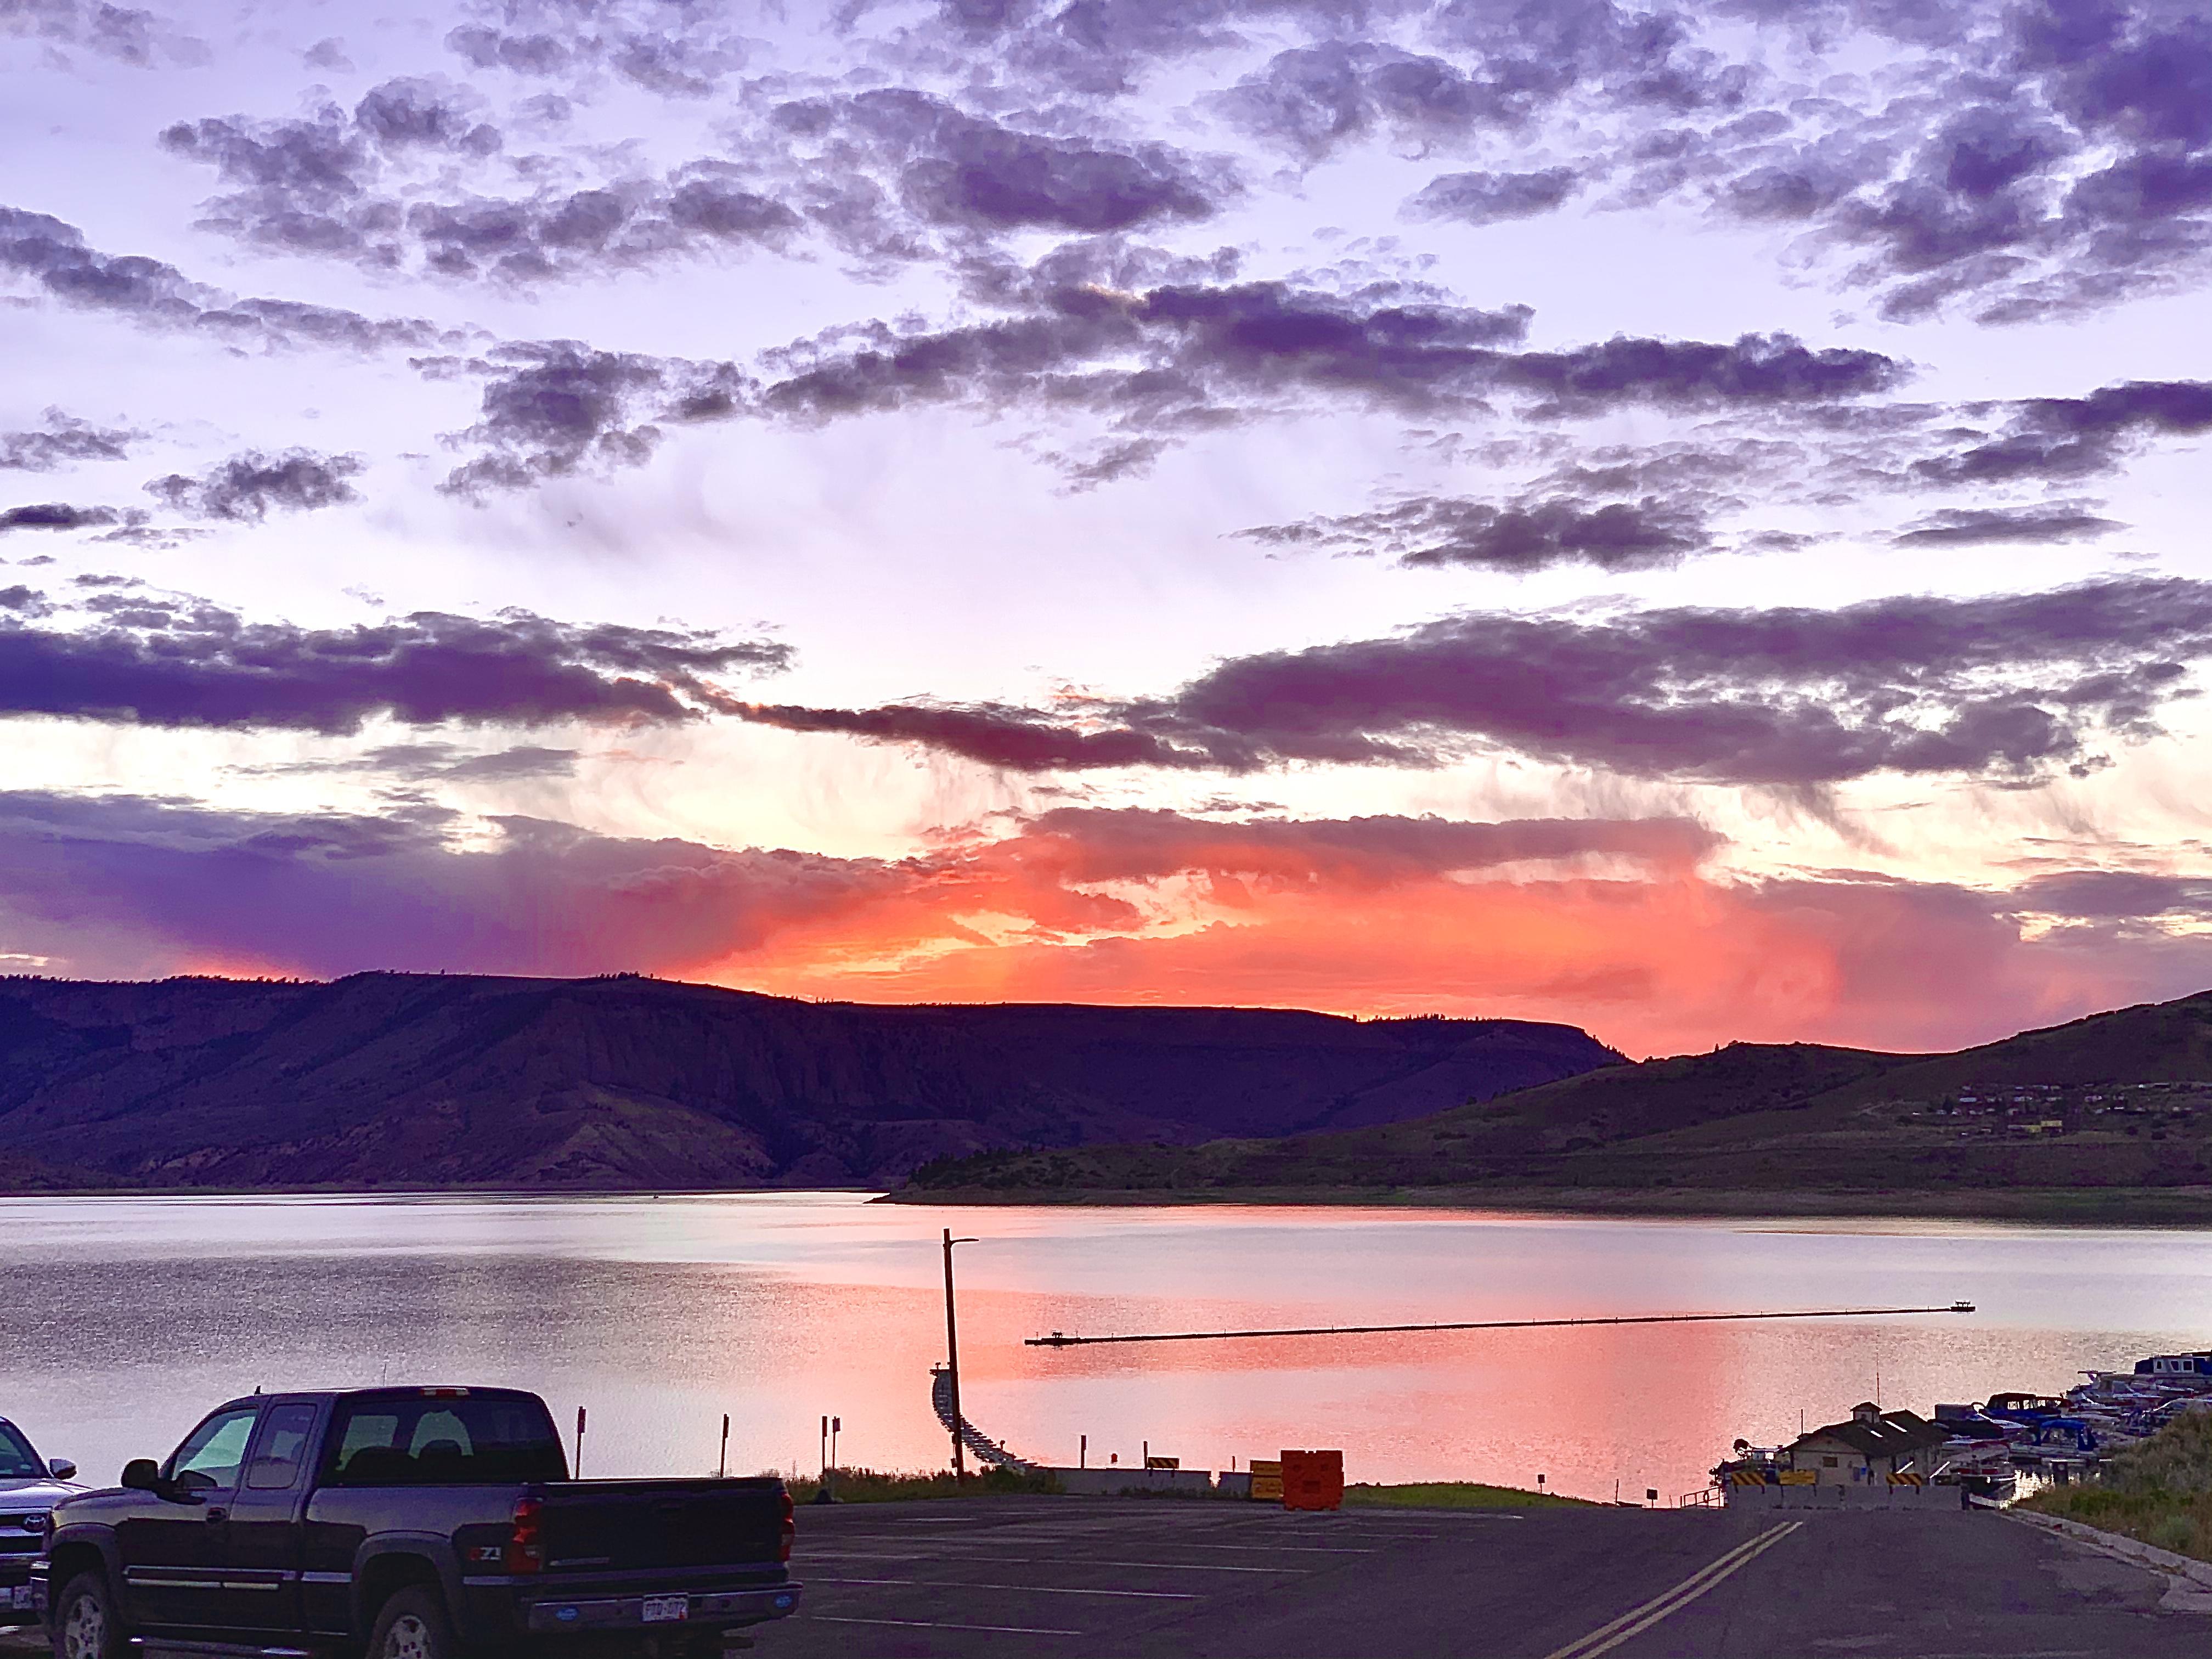 Sunrise on Blue Mesa